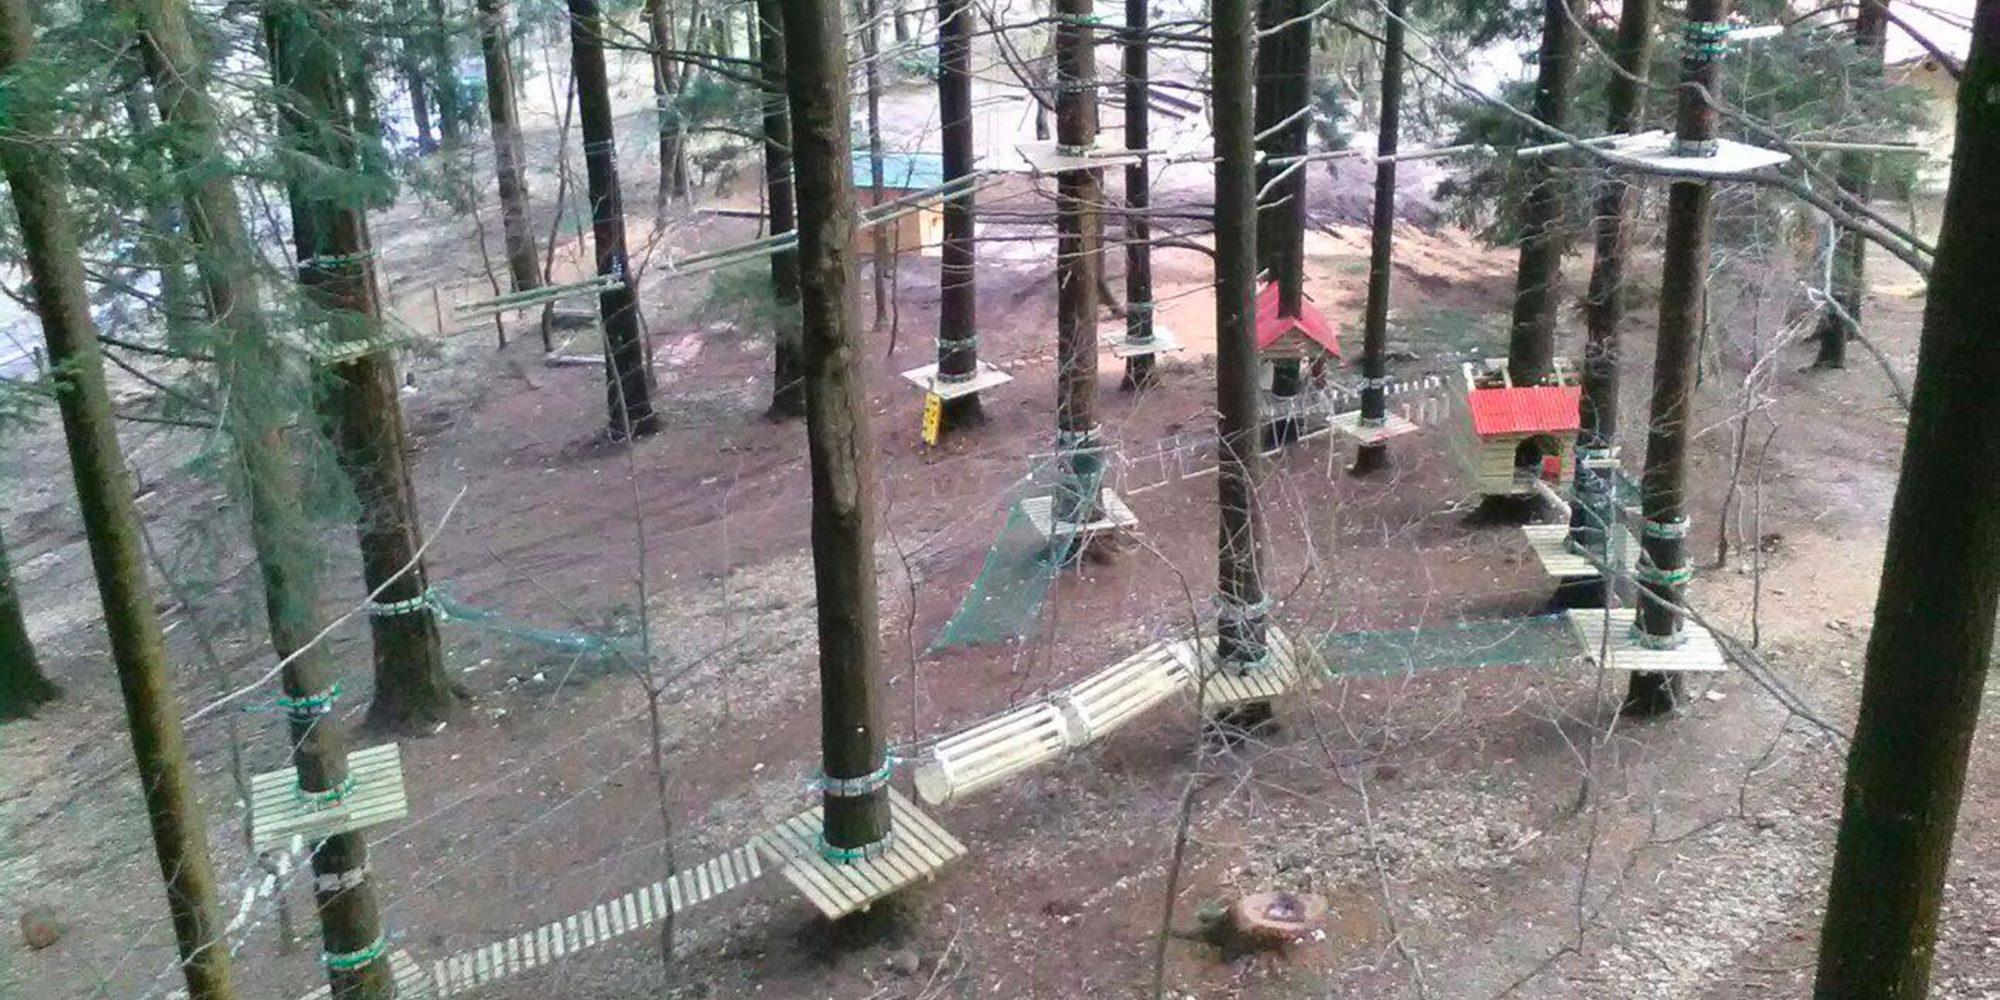 Percorsi per adulti e bambini al parco avventura di Albavilla